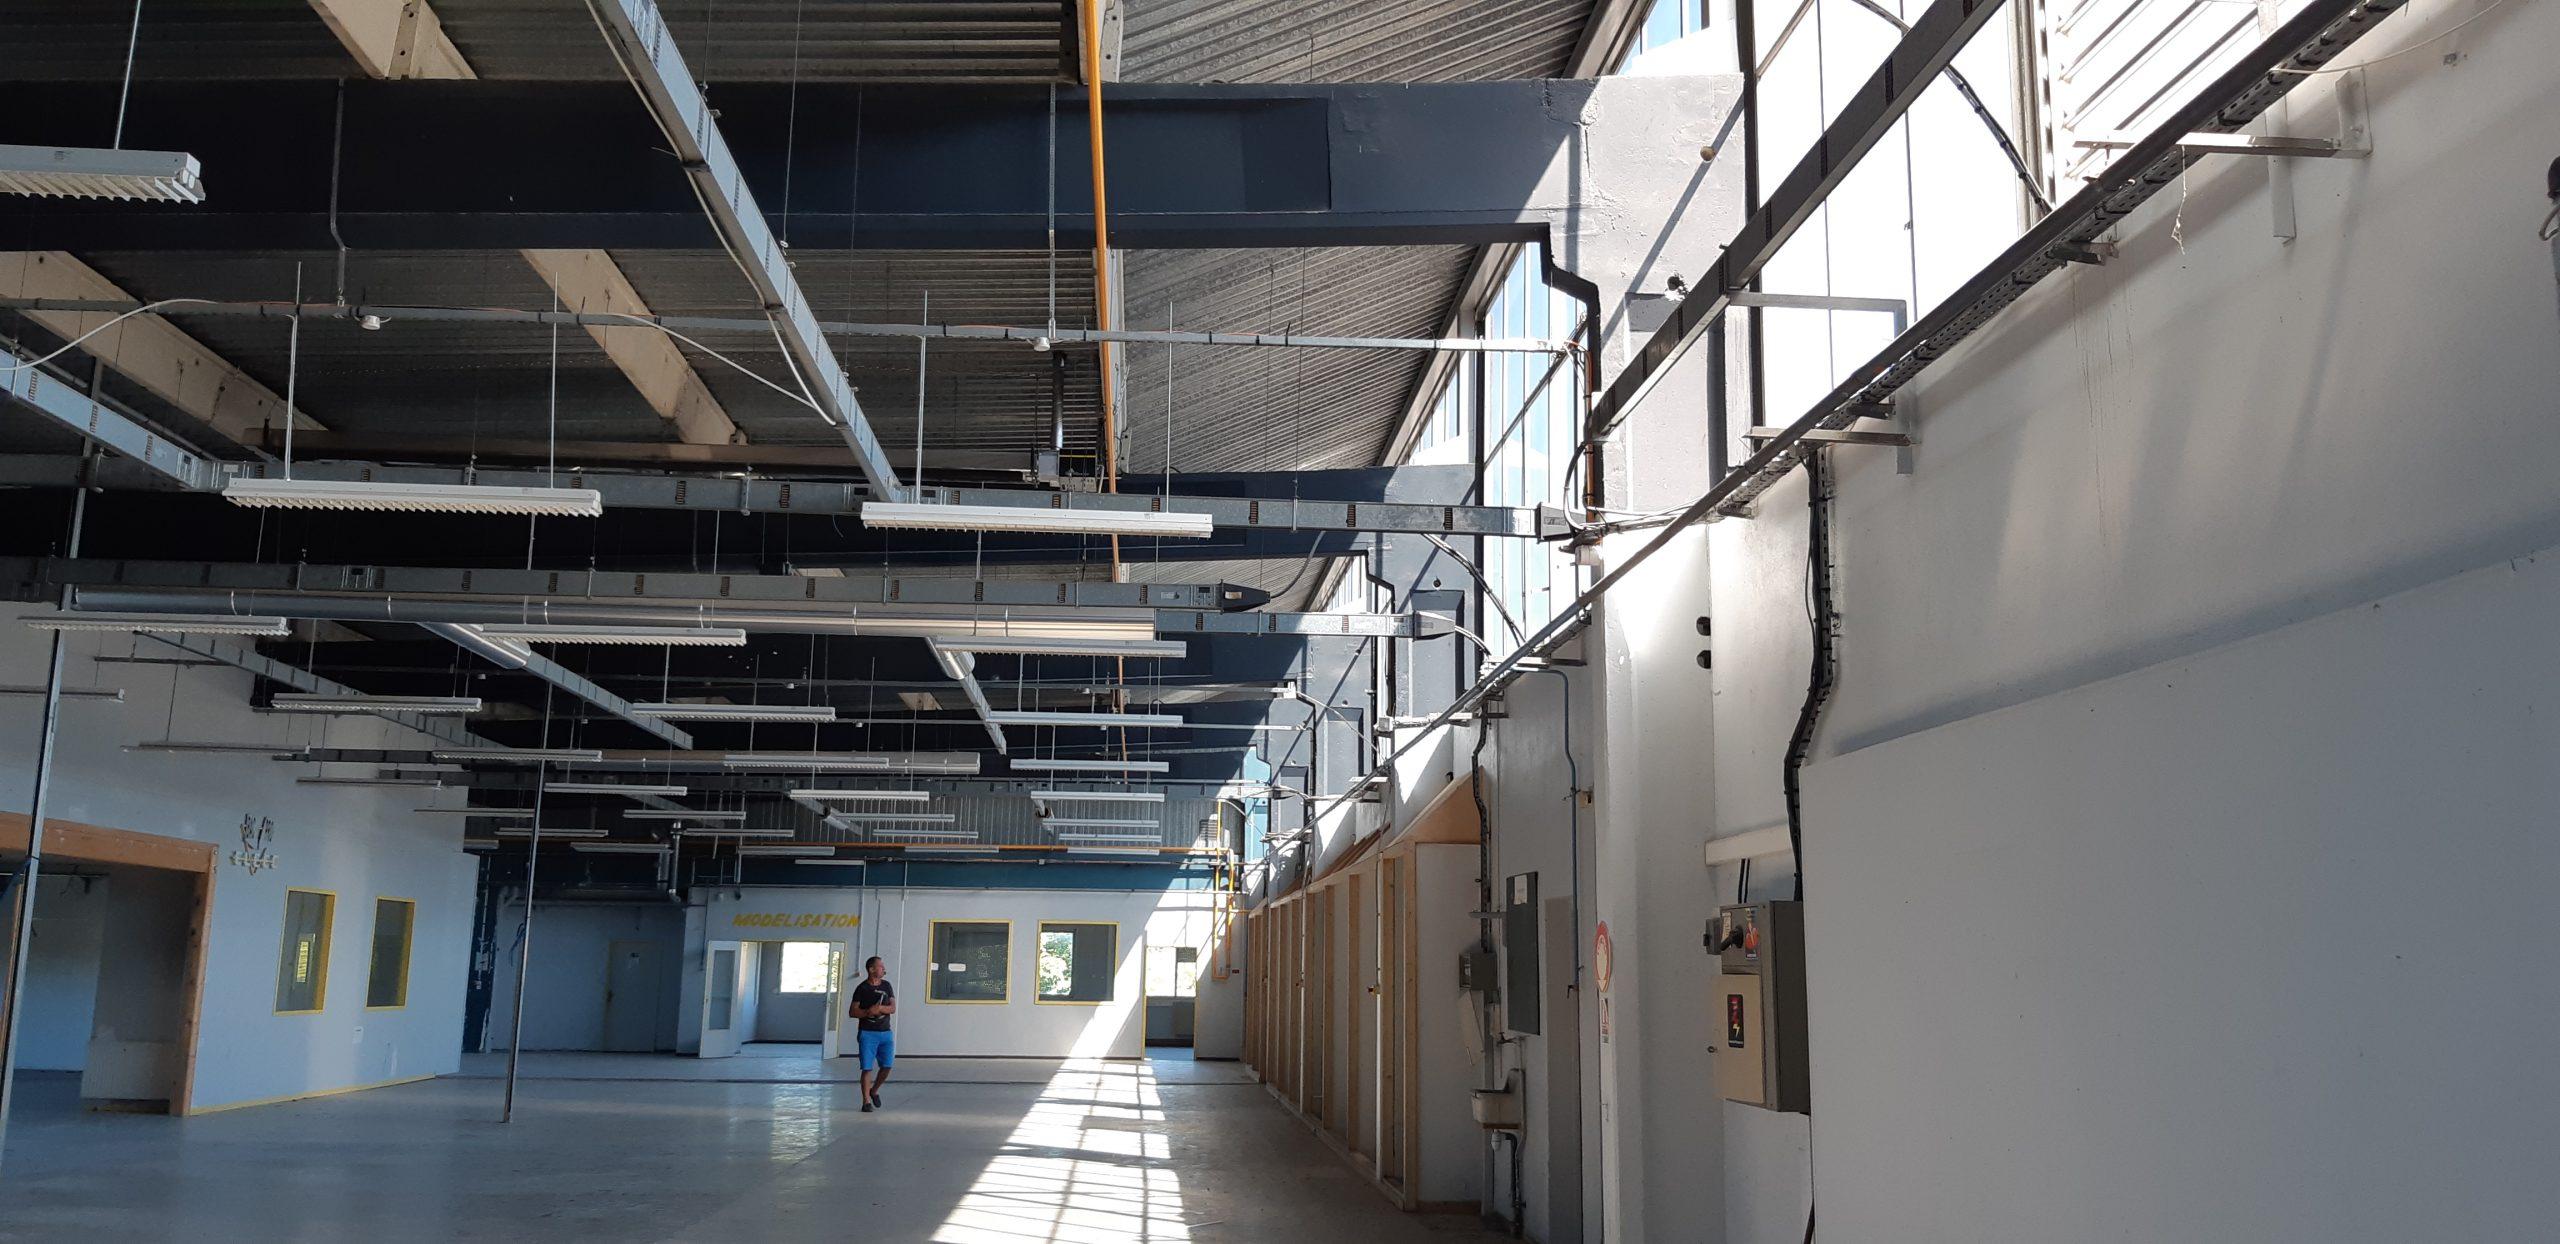 Réaménagement du bâtiment Print Conseil, Romagnat, maîtrise d'oeuvre Cairn